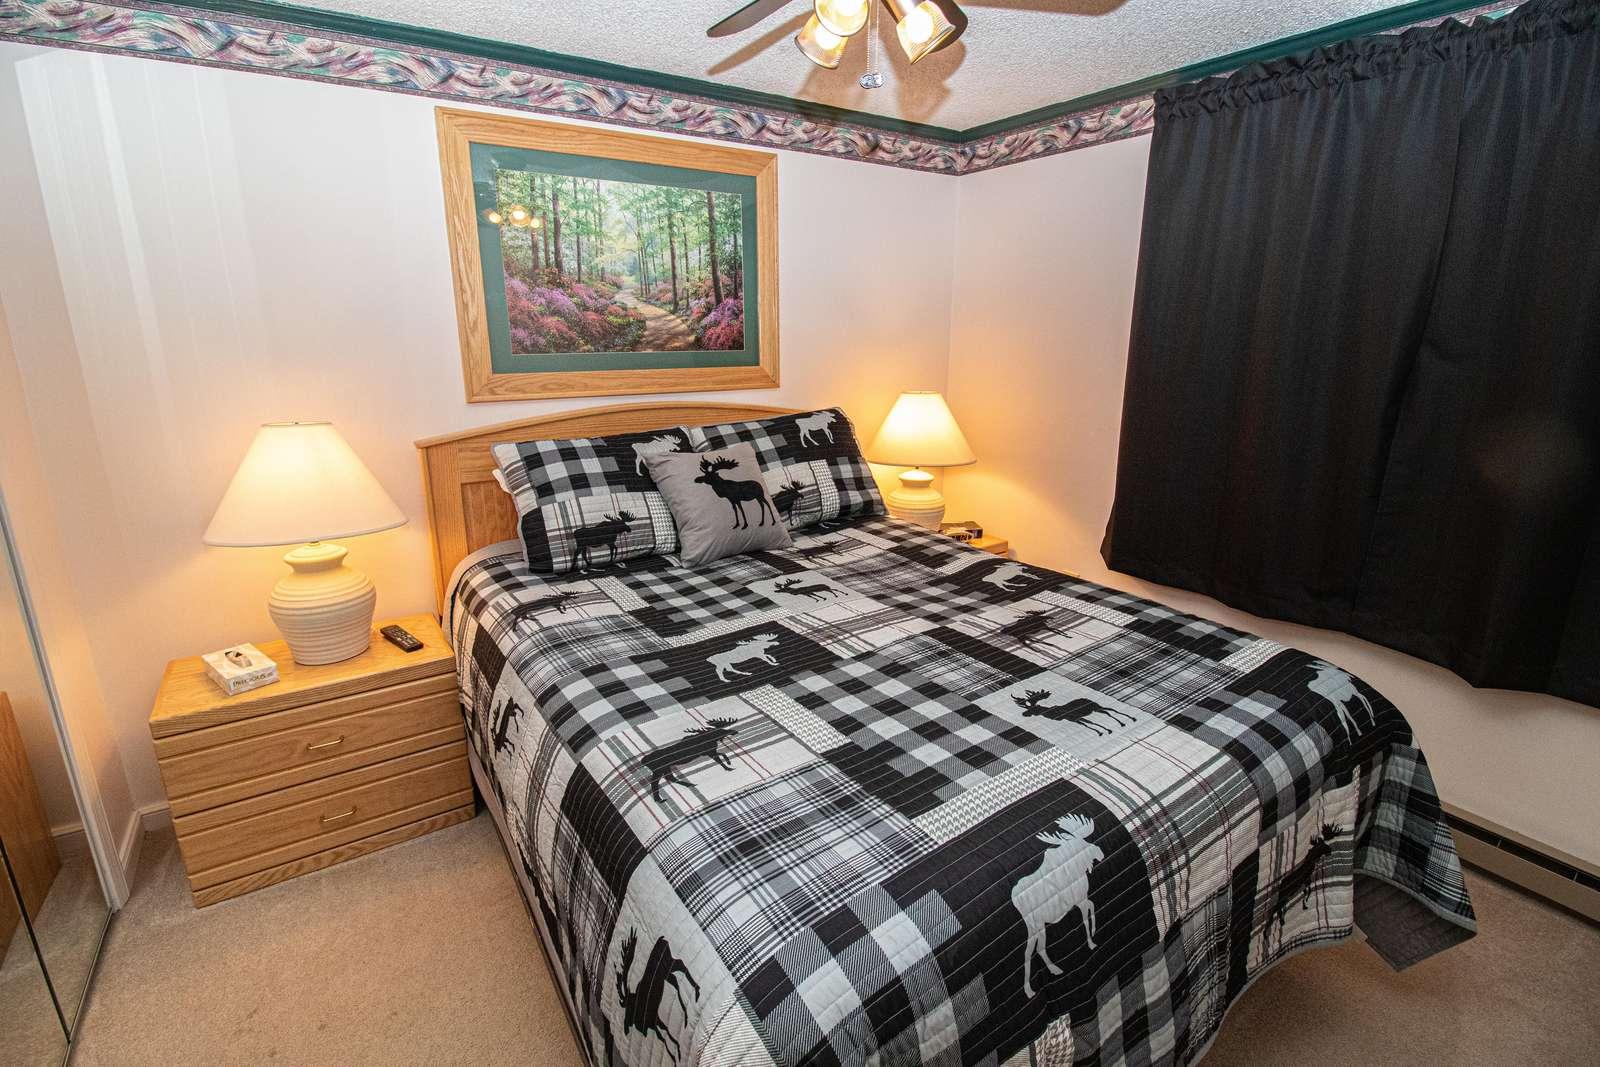 Queen-sized bed in bedroom; Flat Screen TV